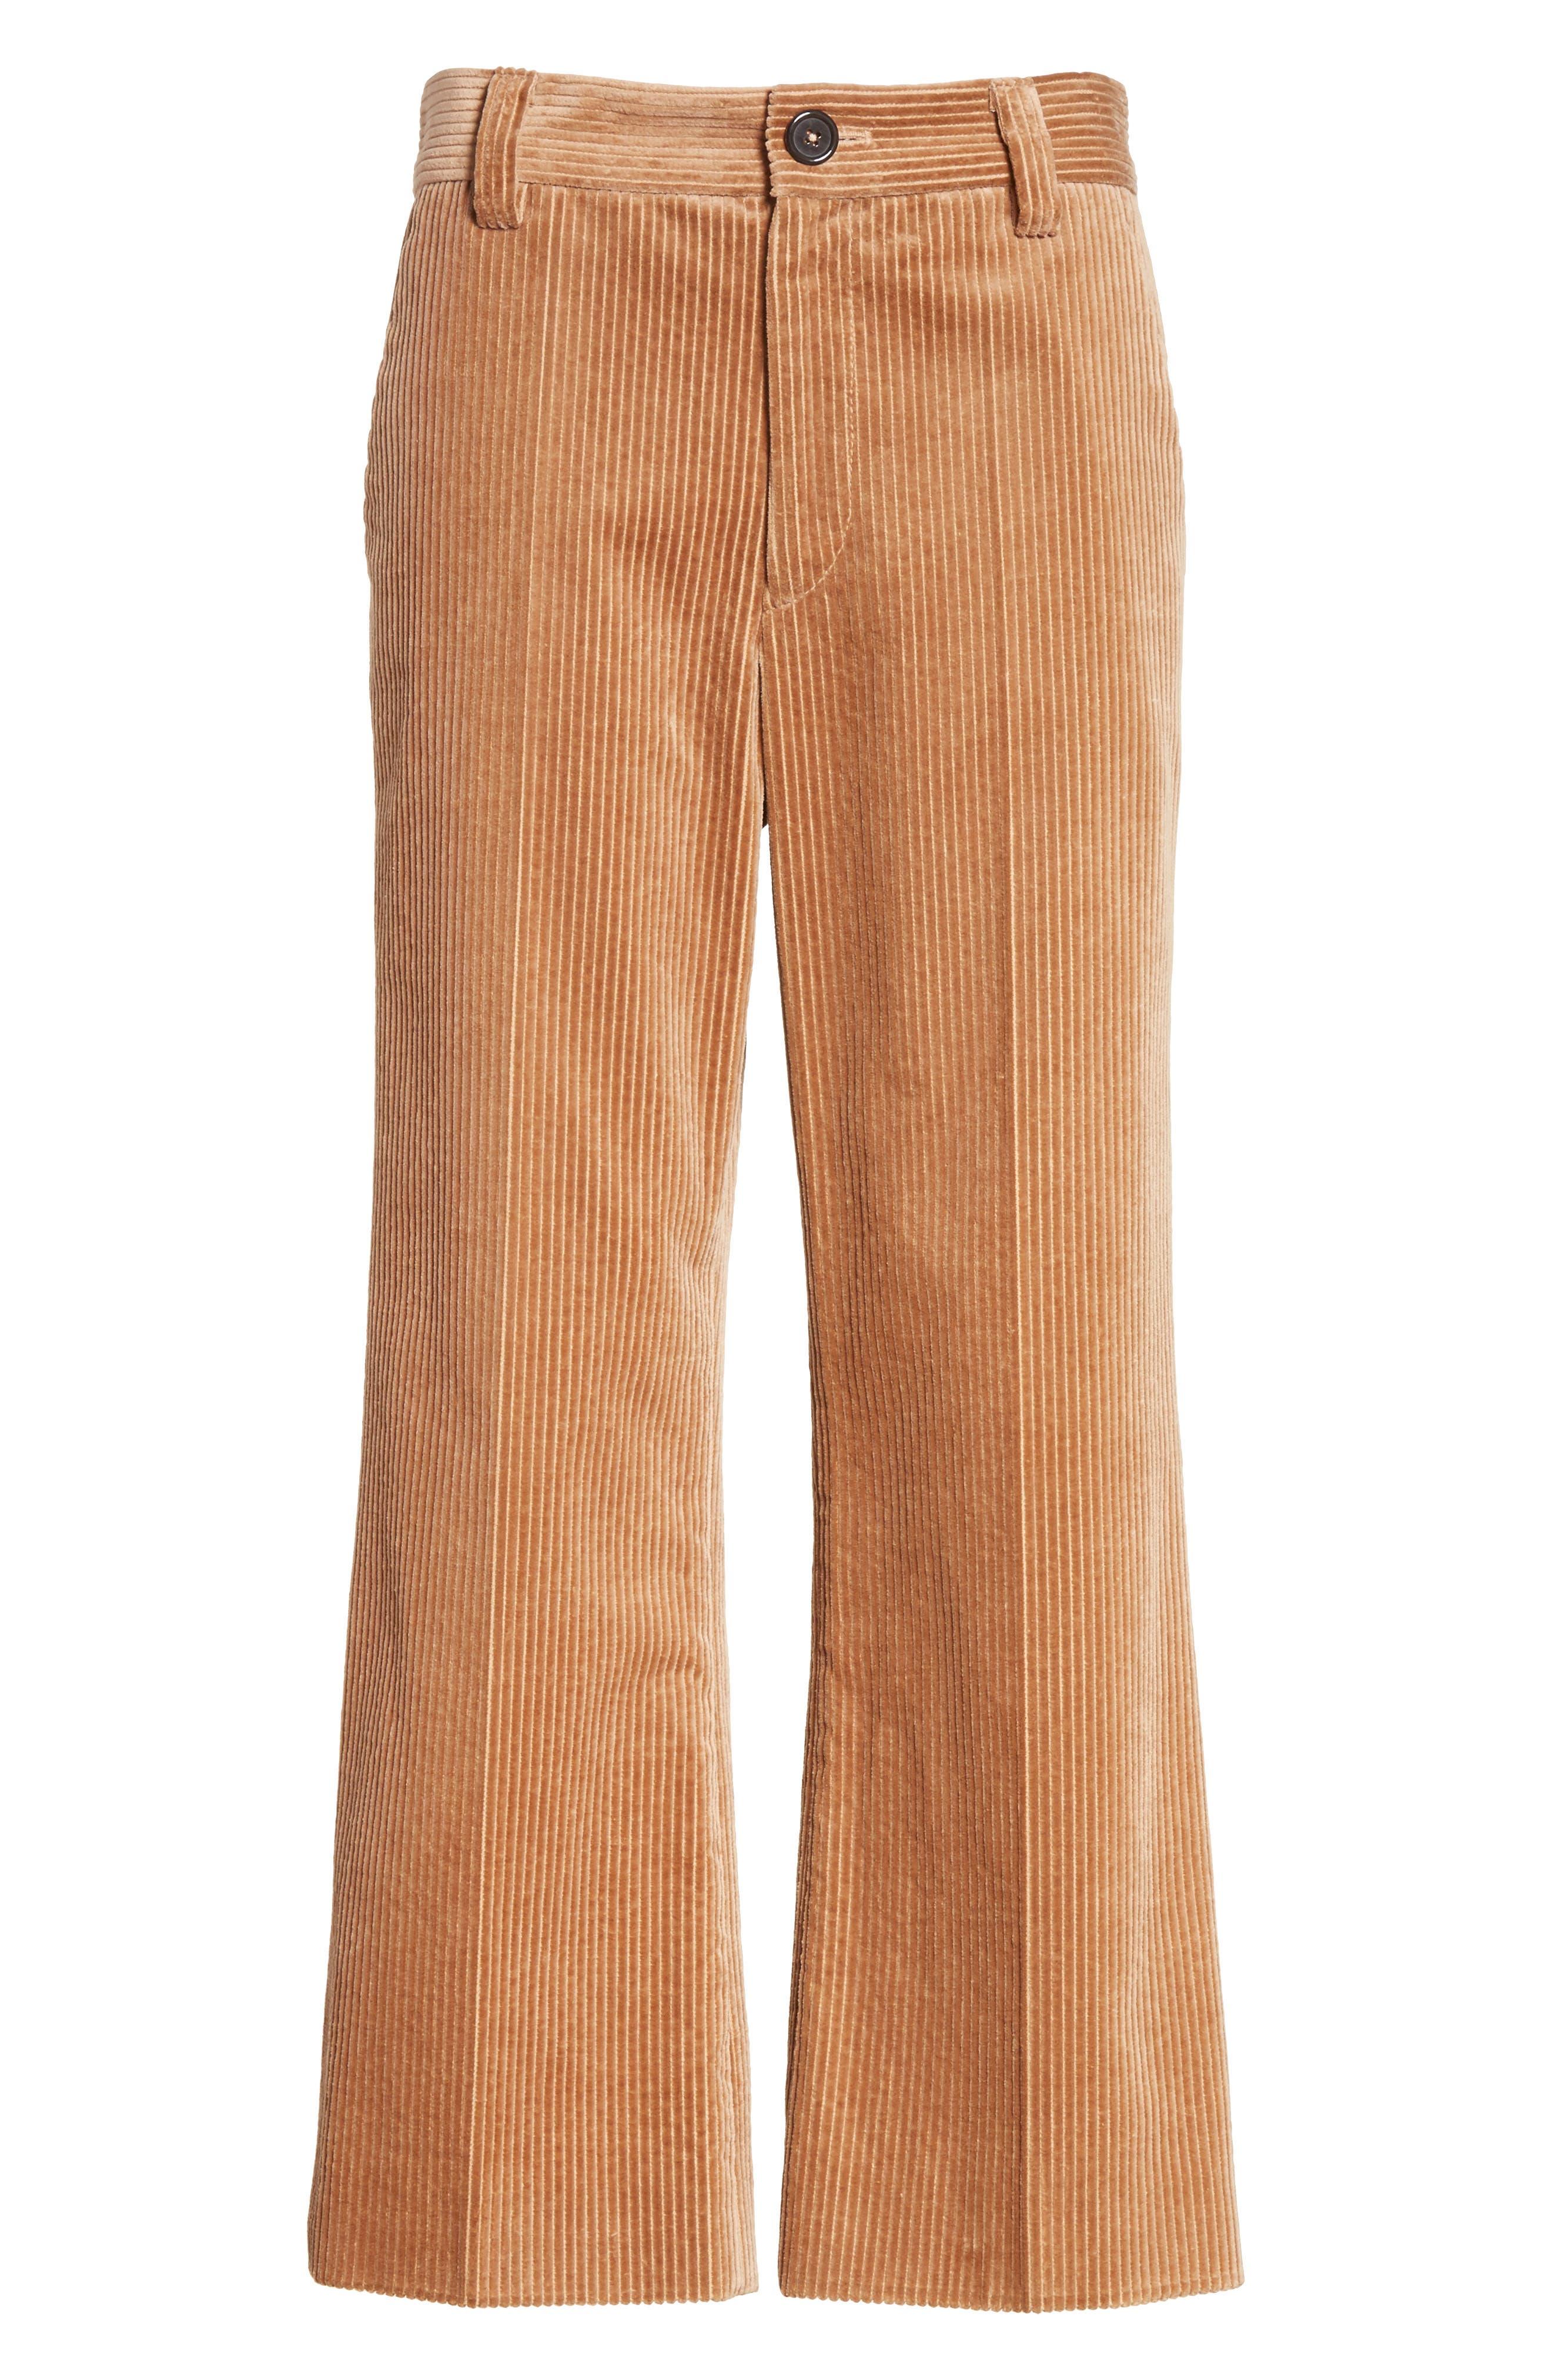 Corduroy Wide Leg Crop Pants,                             Alternate thumbnail 7, color,                             Sand